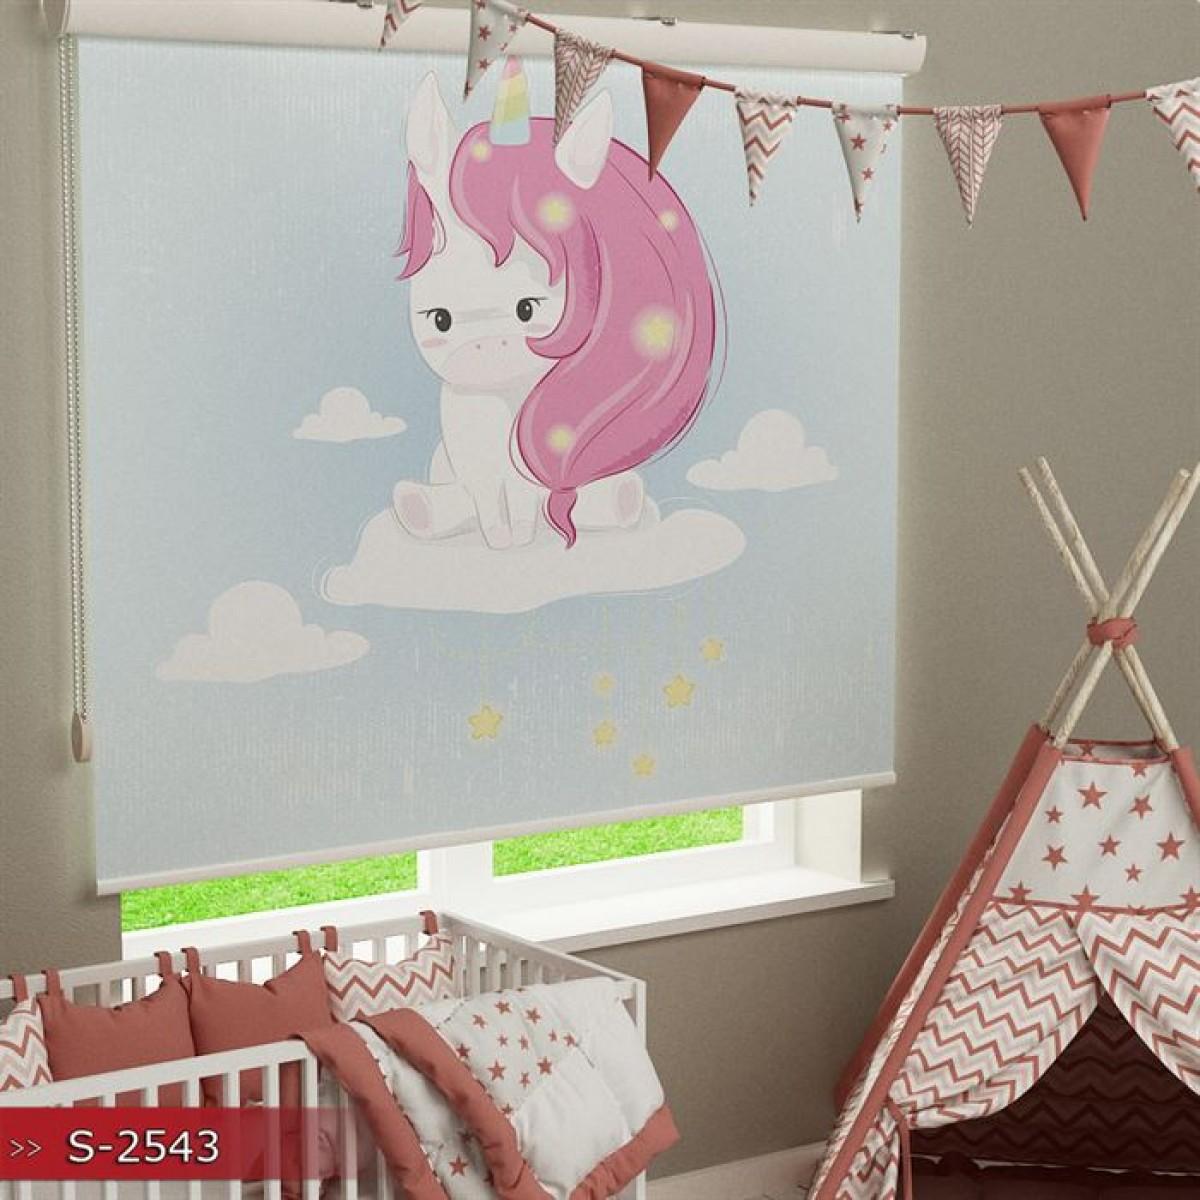 Bebek Odası - Unicorn Baskılı Stor Perde - (GÜNEŞLİK)